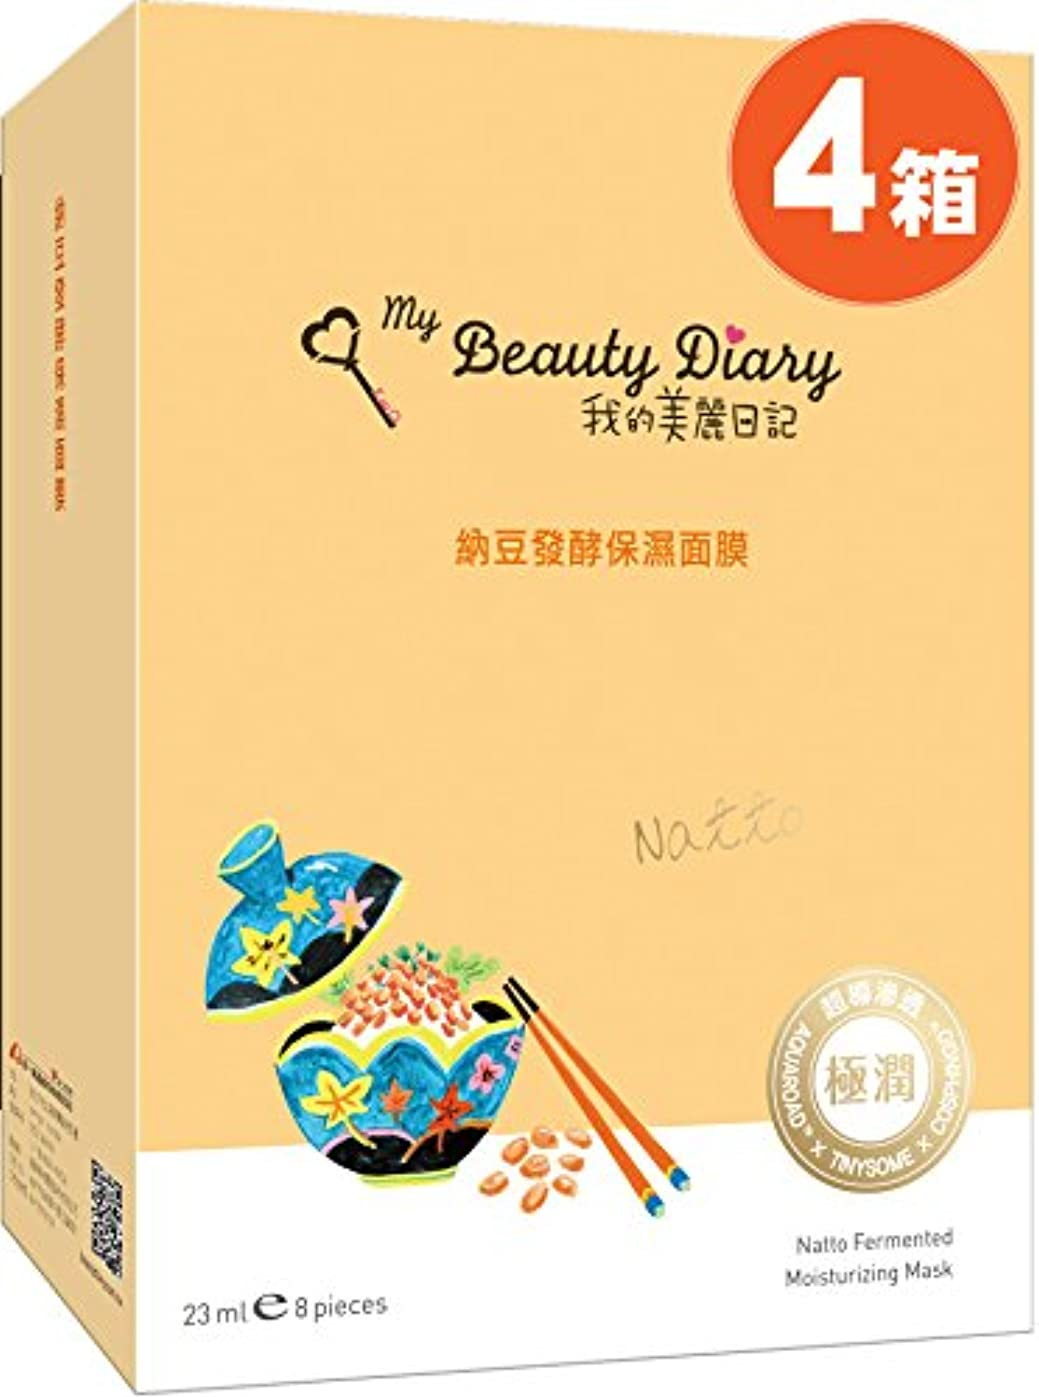 《我的美麗日記》 私のきれい日記 納豆マスク 8枚入り ×4個 《台湾 お土産》(▼800円値引) [並行輸入品]